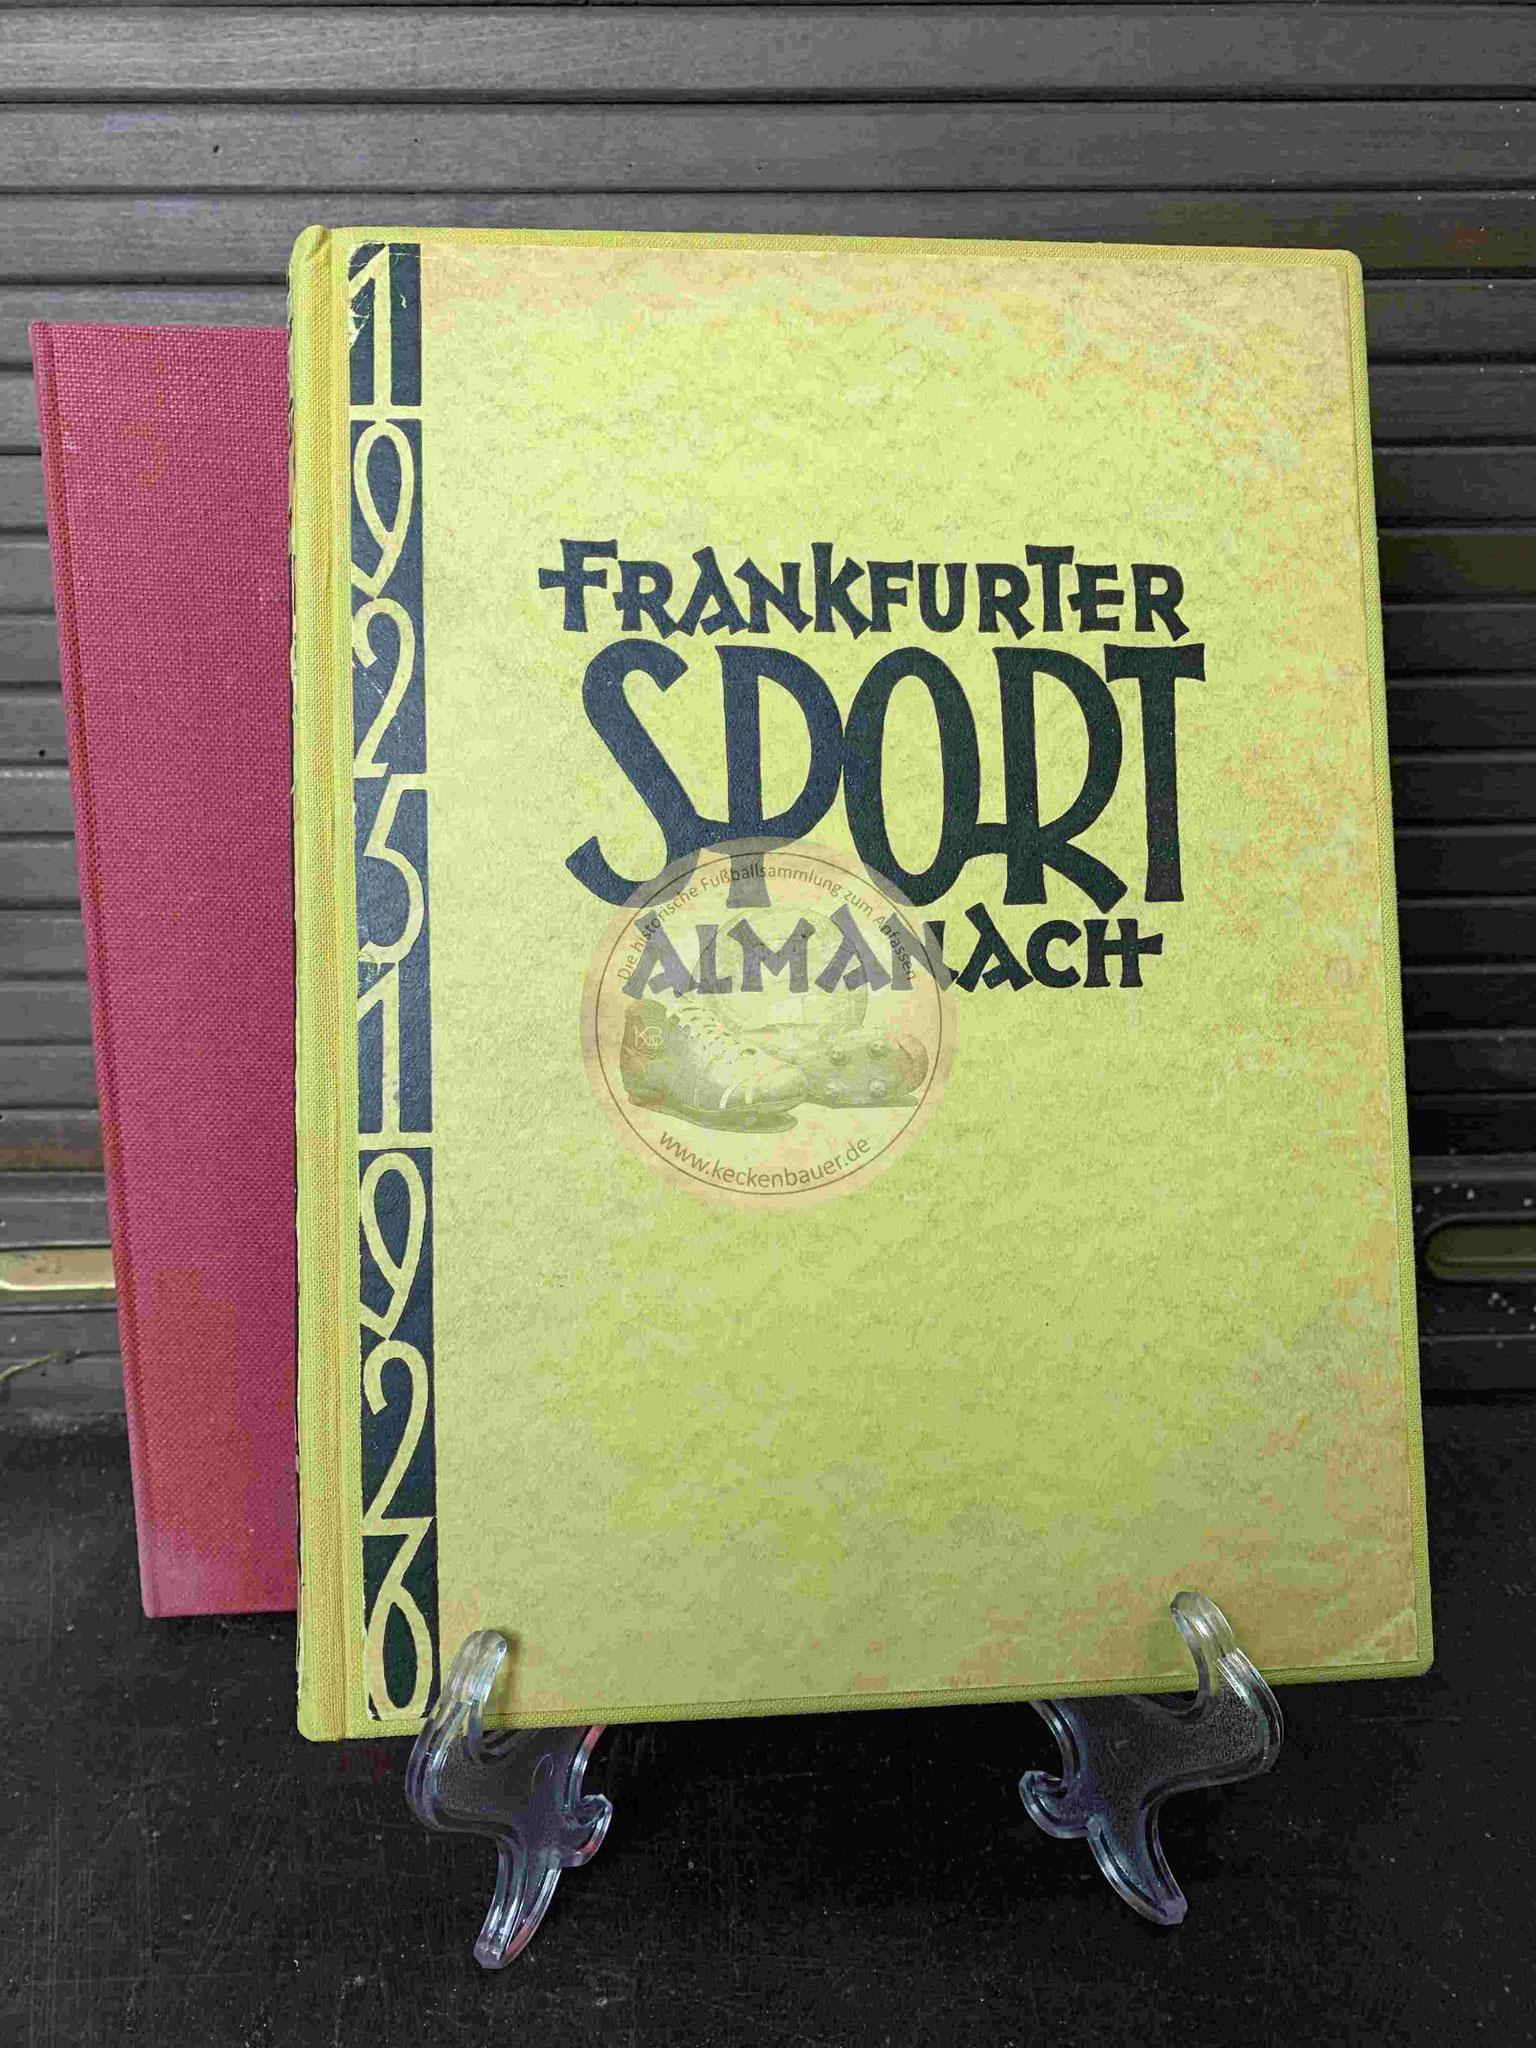 Frankfurter Sport Almanach im Schober aus dem Jahr 1925